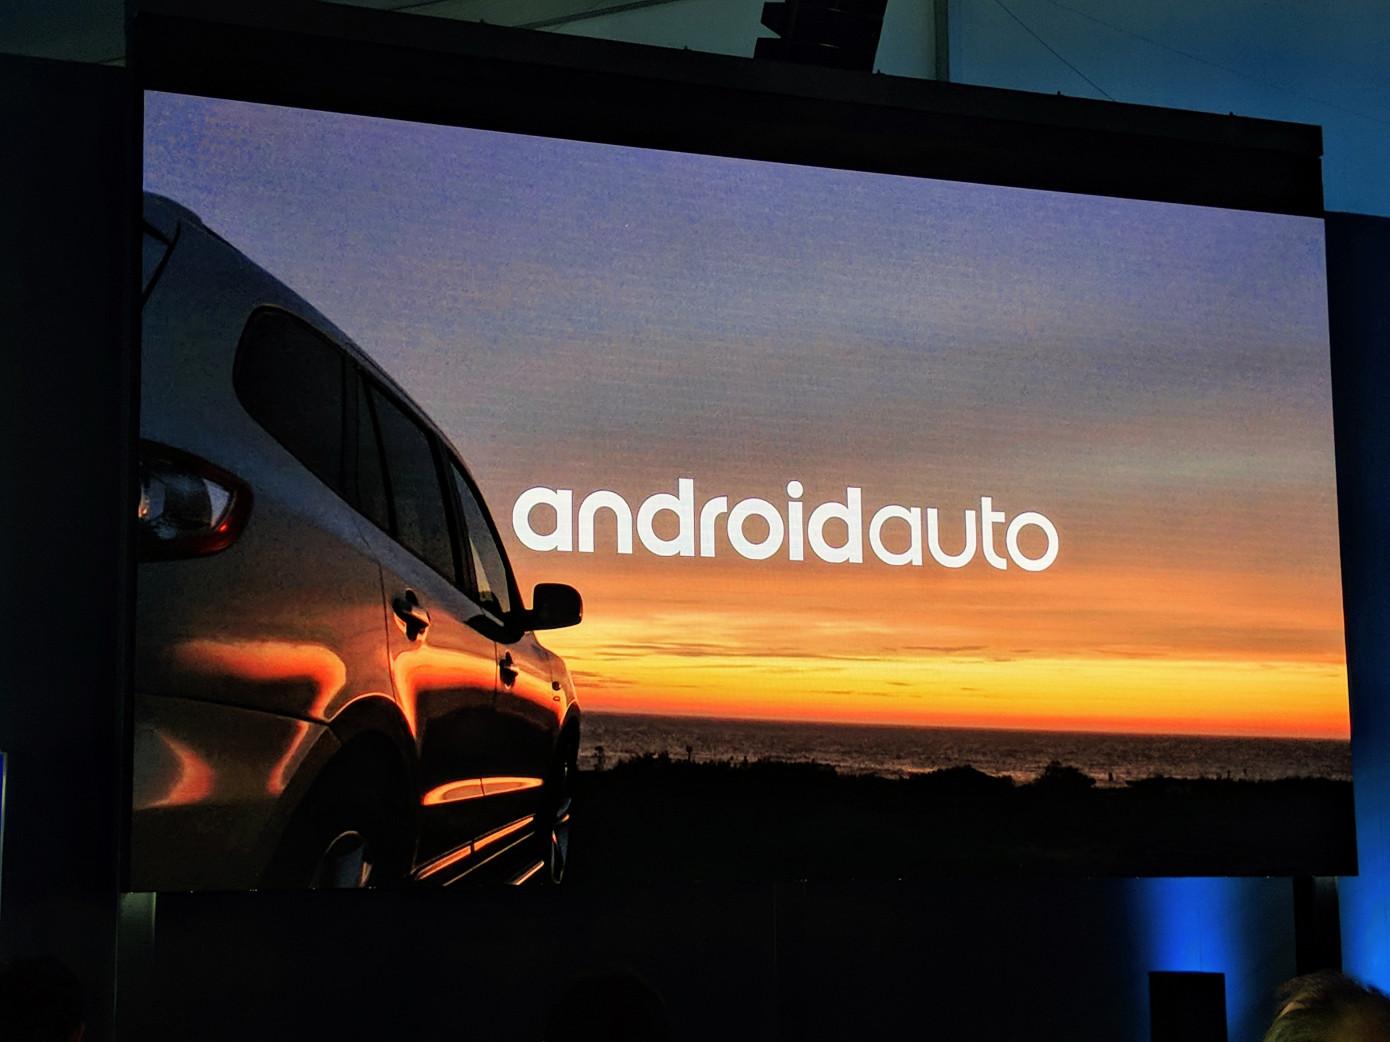 جوجل تستعرض أندرويد أوتو الذي سيتوفر في السيارات مستقبلا